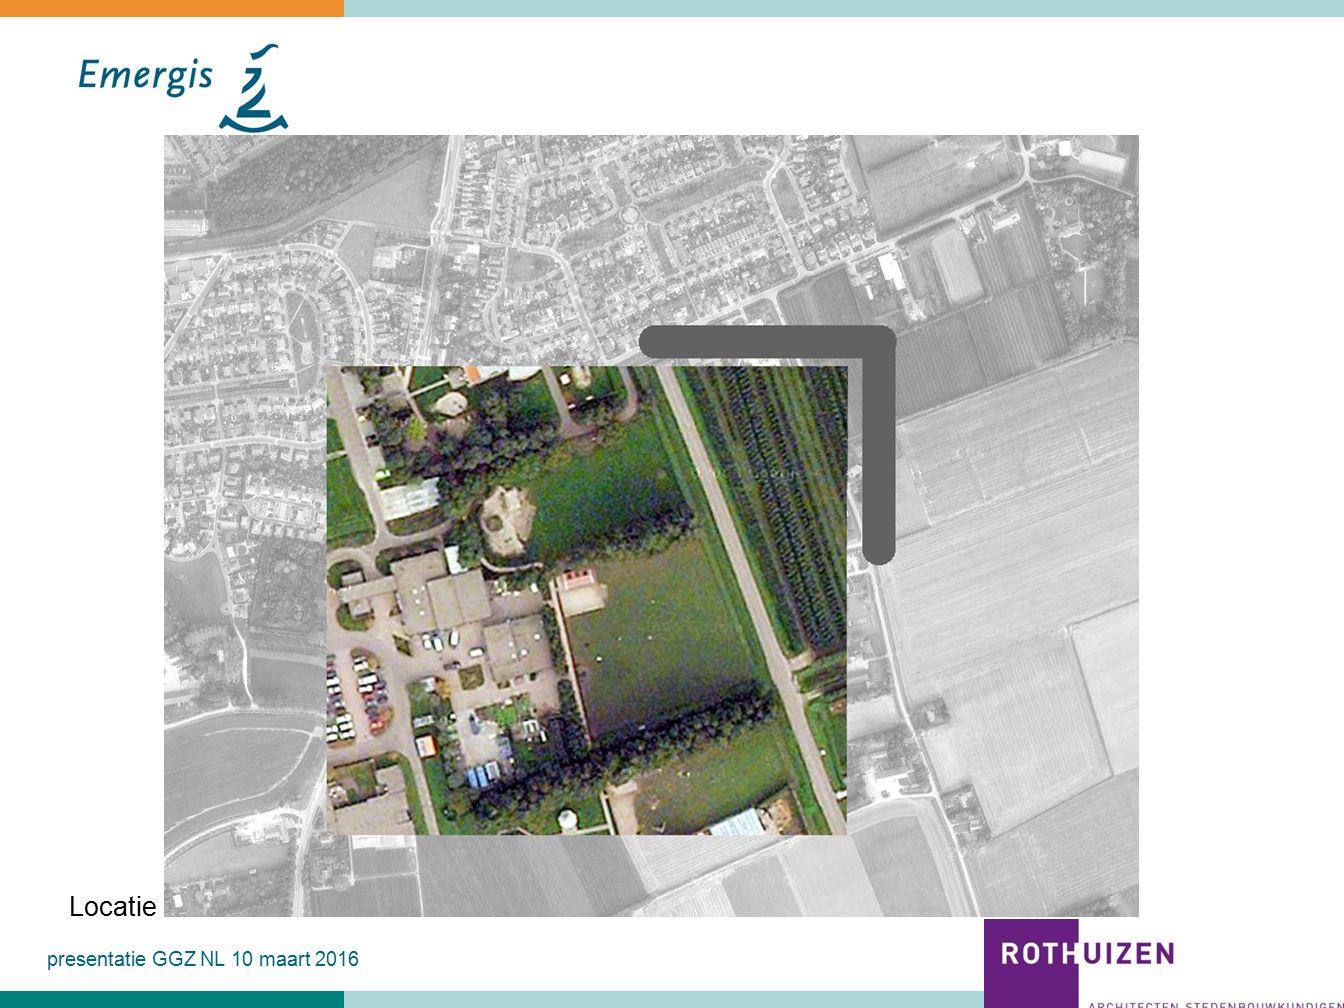 LOKATIE Locatie presentatie GGZ NL 10 maart 2016